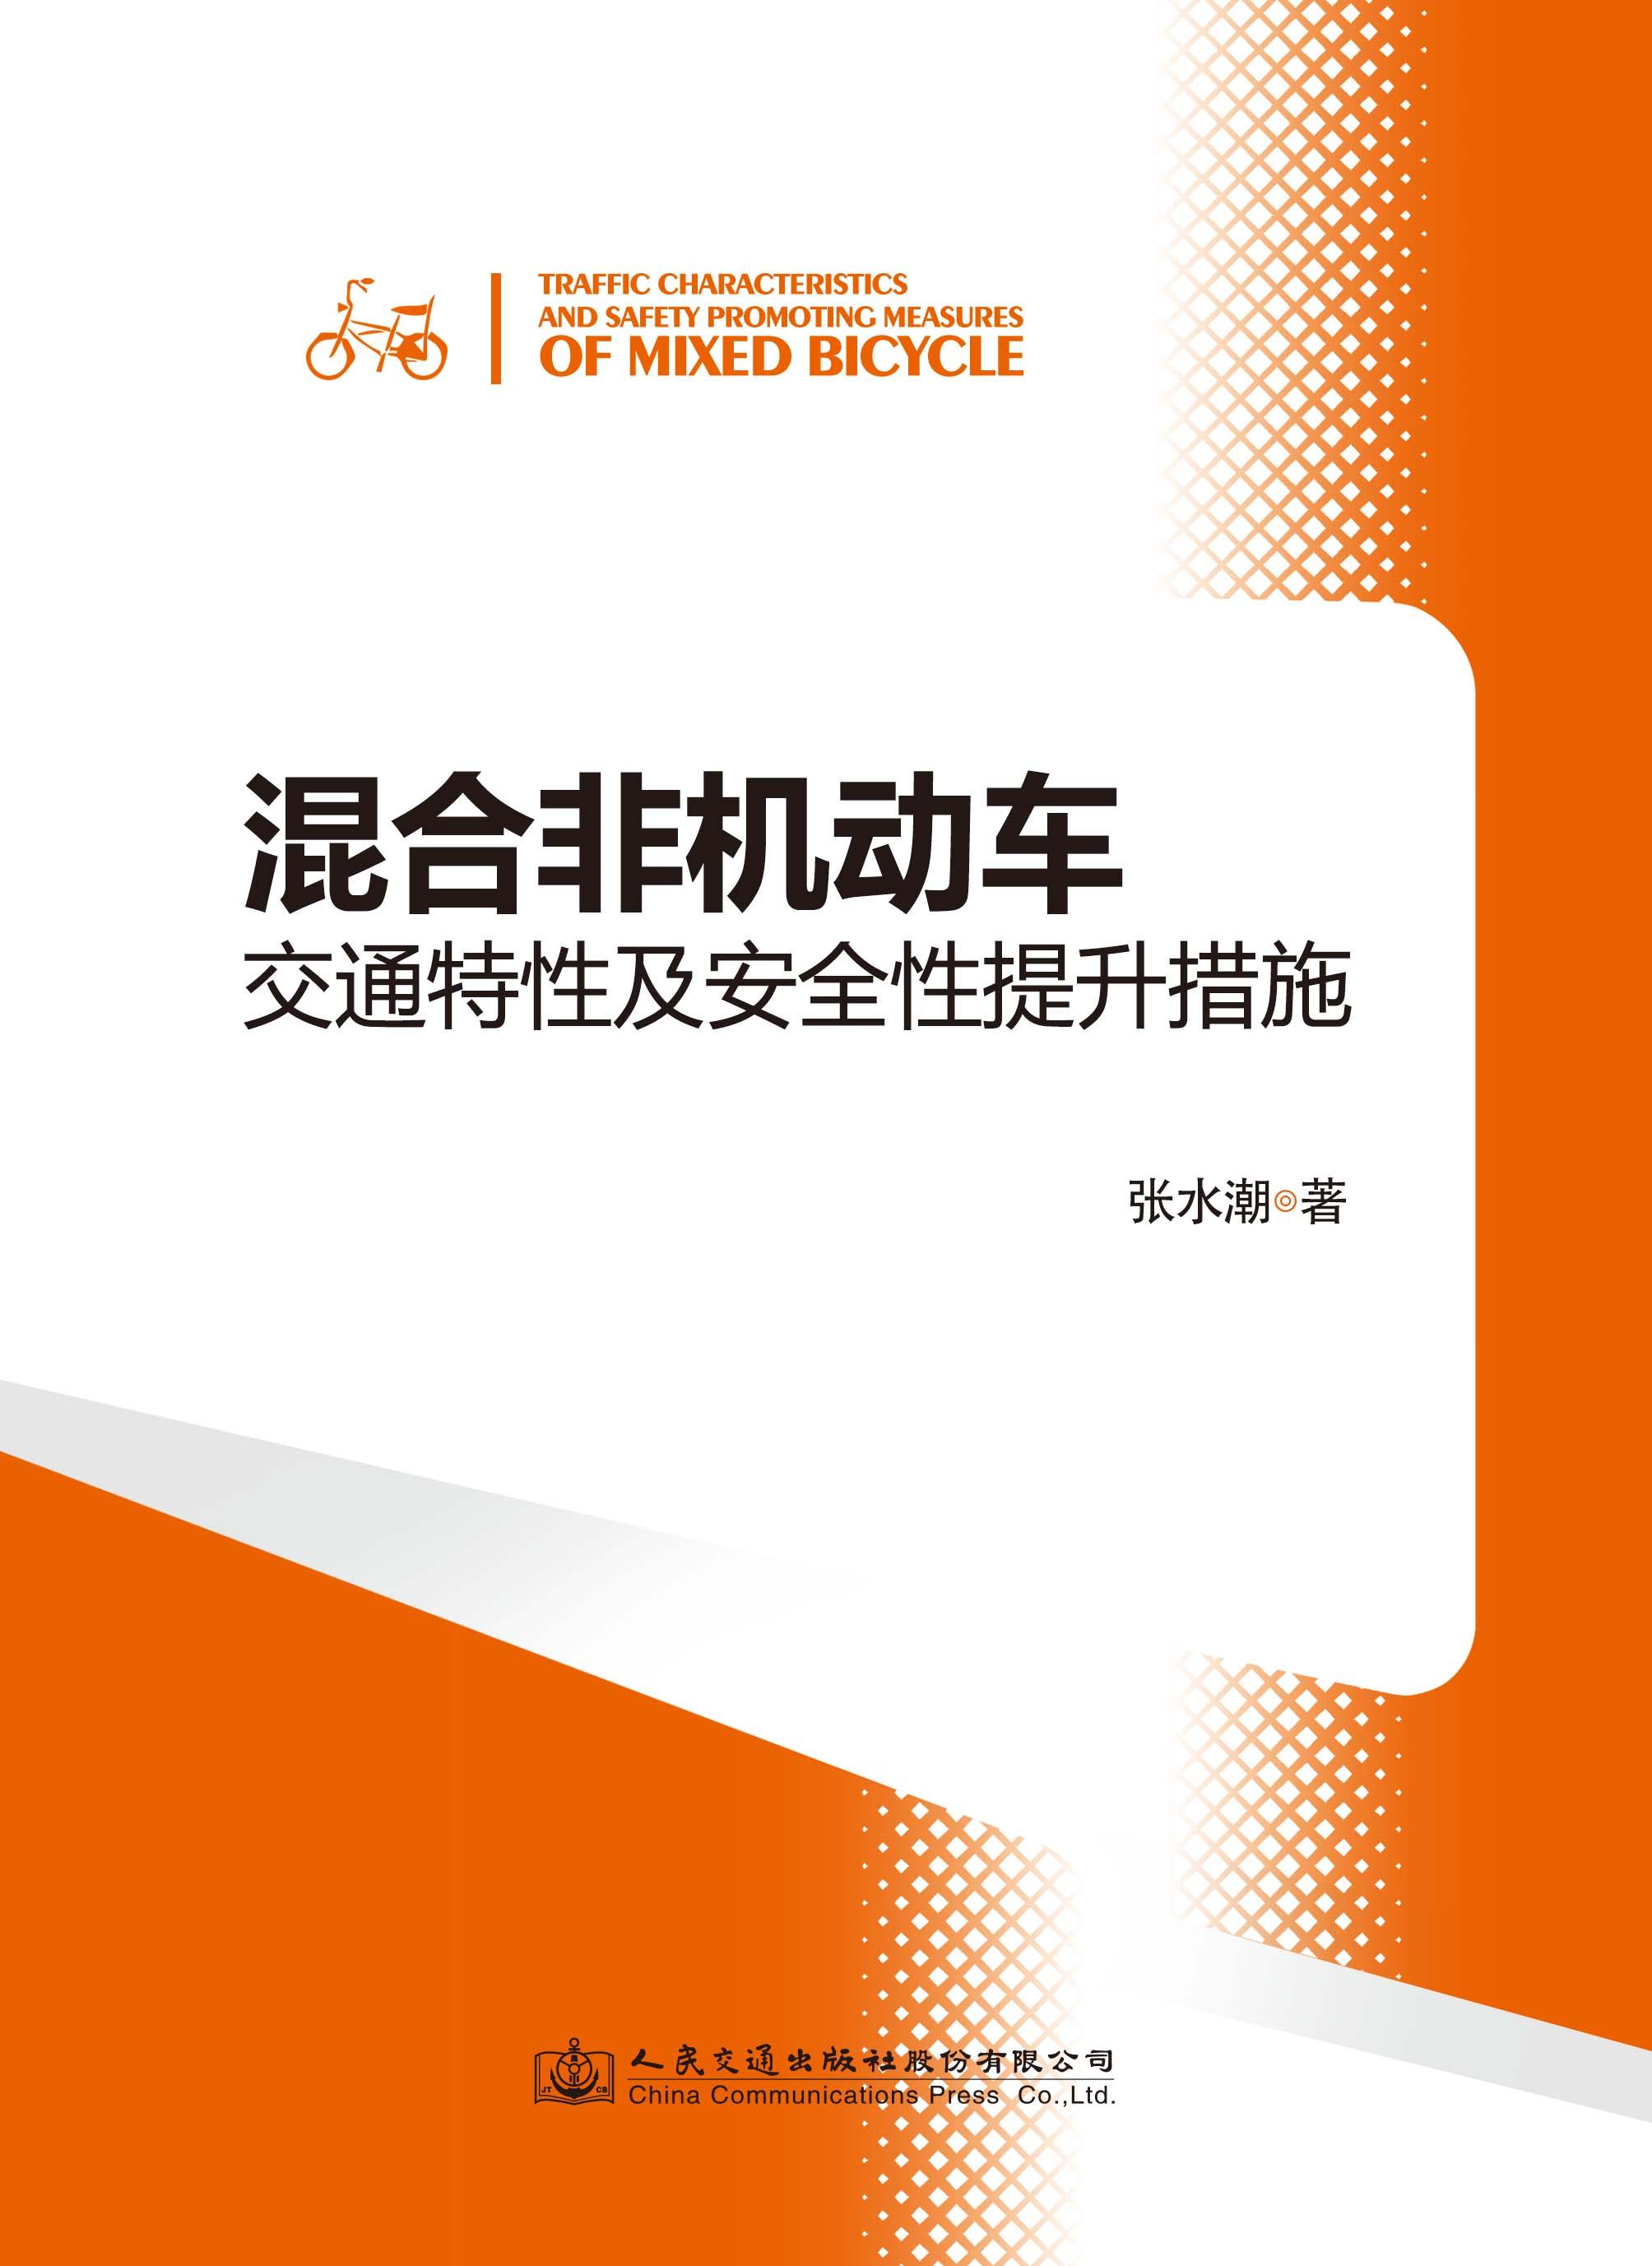 混合非机动车交通特性及安全性提升措施